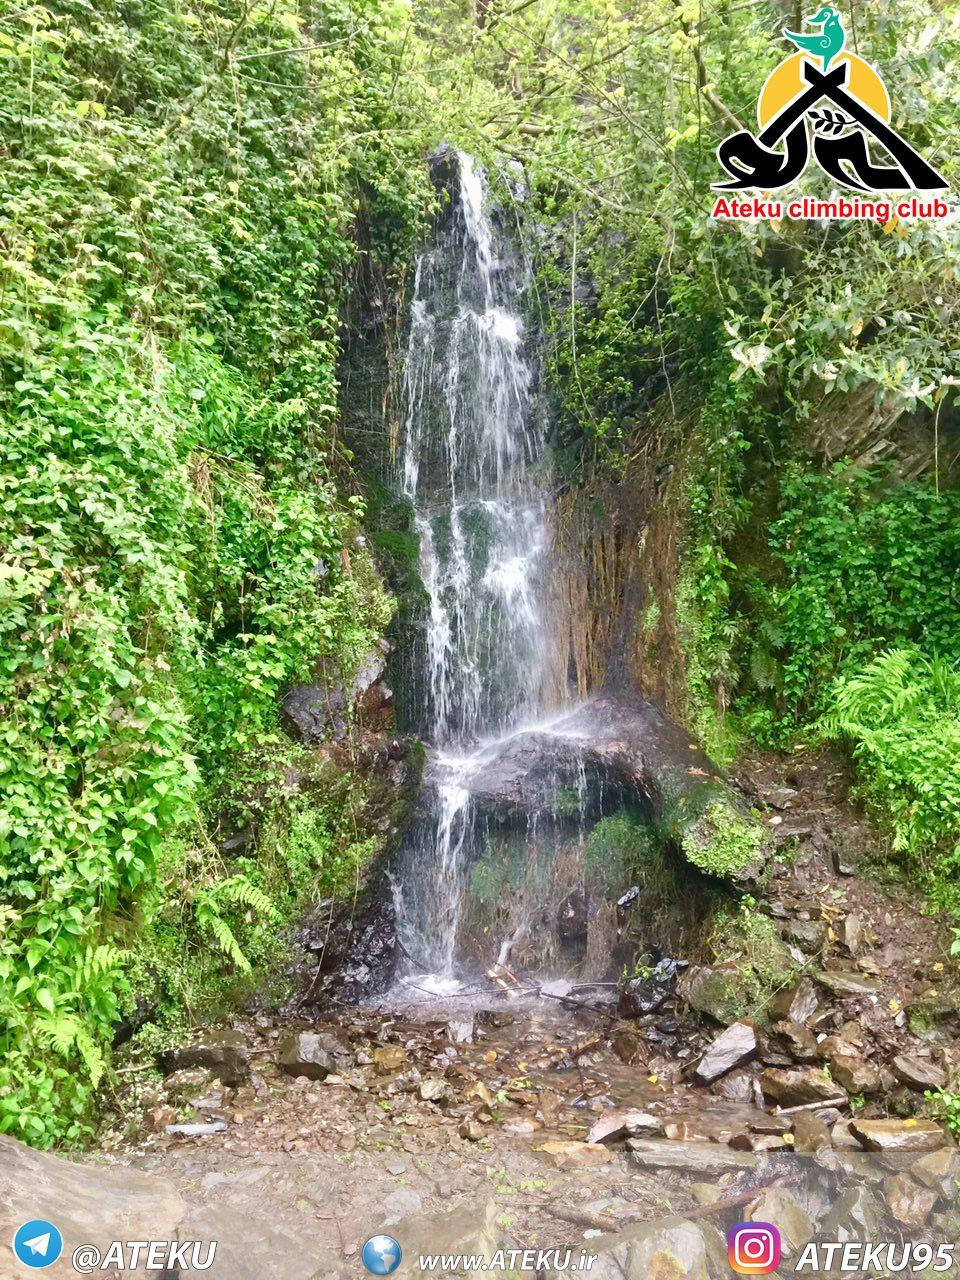 باشگاه-کوه-نوردی-اته-کو-لیالستان-به-لیلاکوه (21)